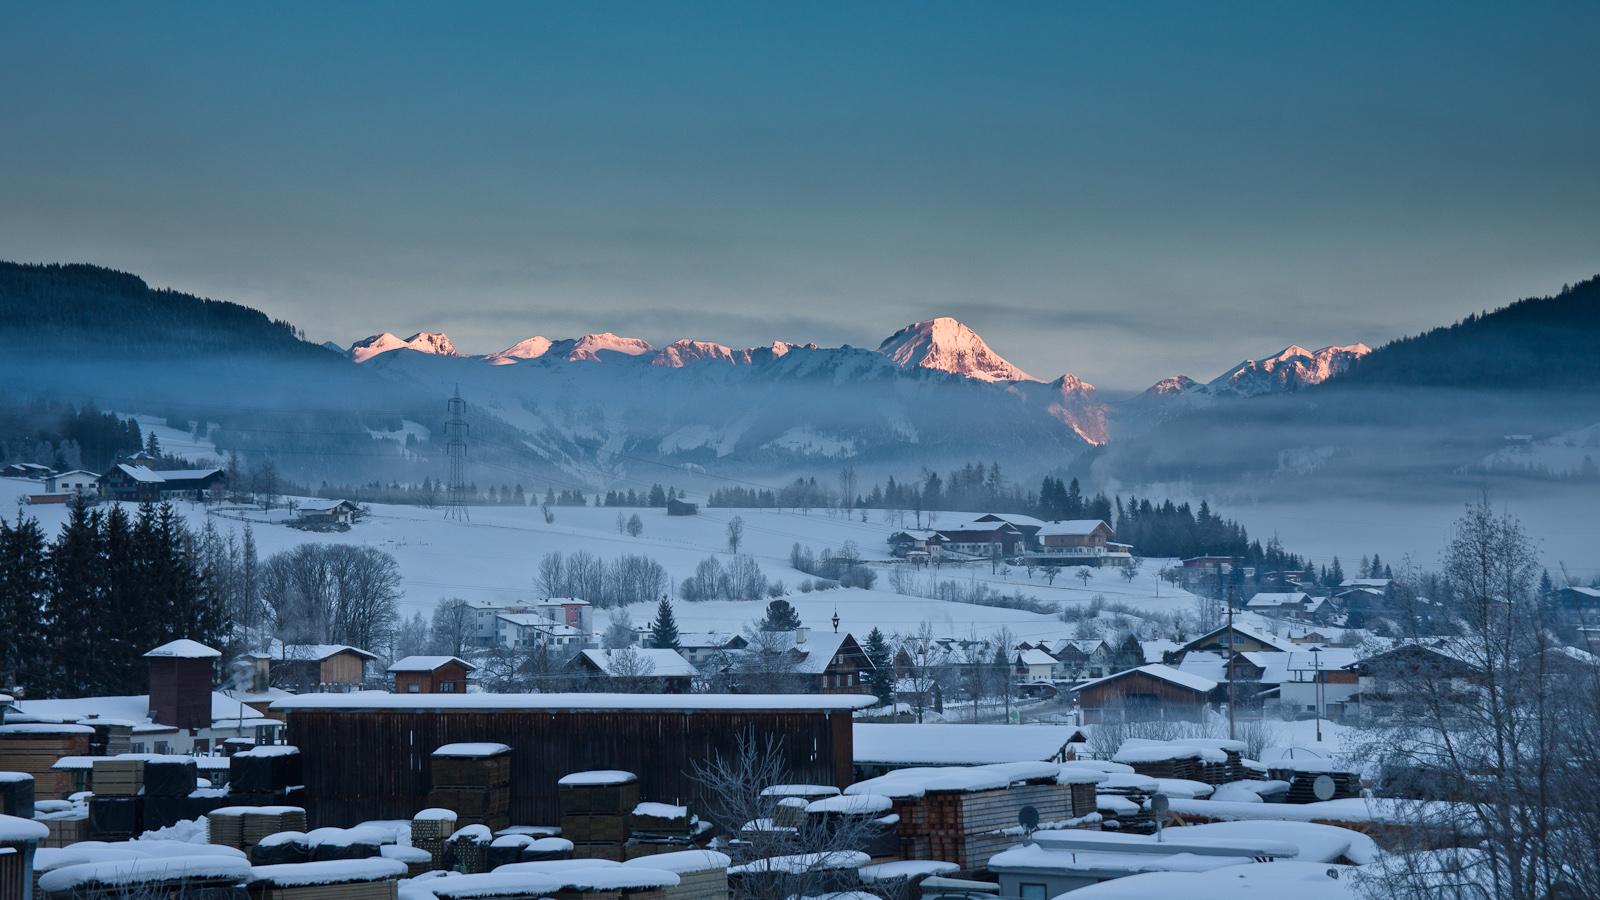 Fotografia krajobrazowa. Widok z okna, Altenmarkt, Austria. fot. Łukasz Cyrus